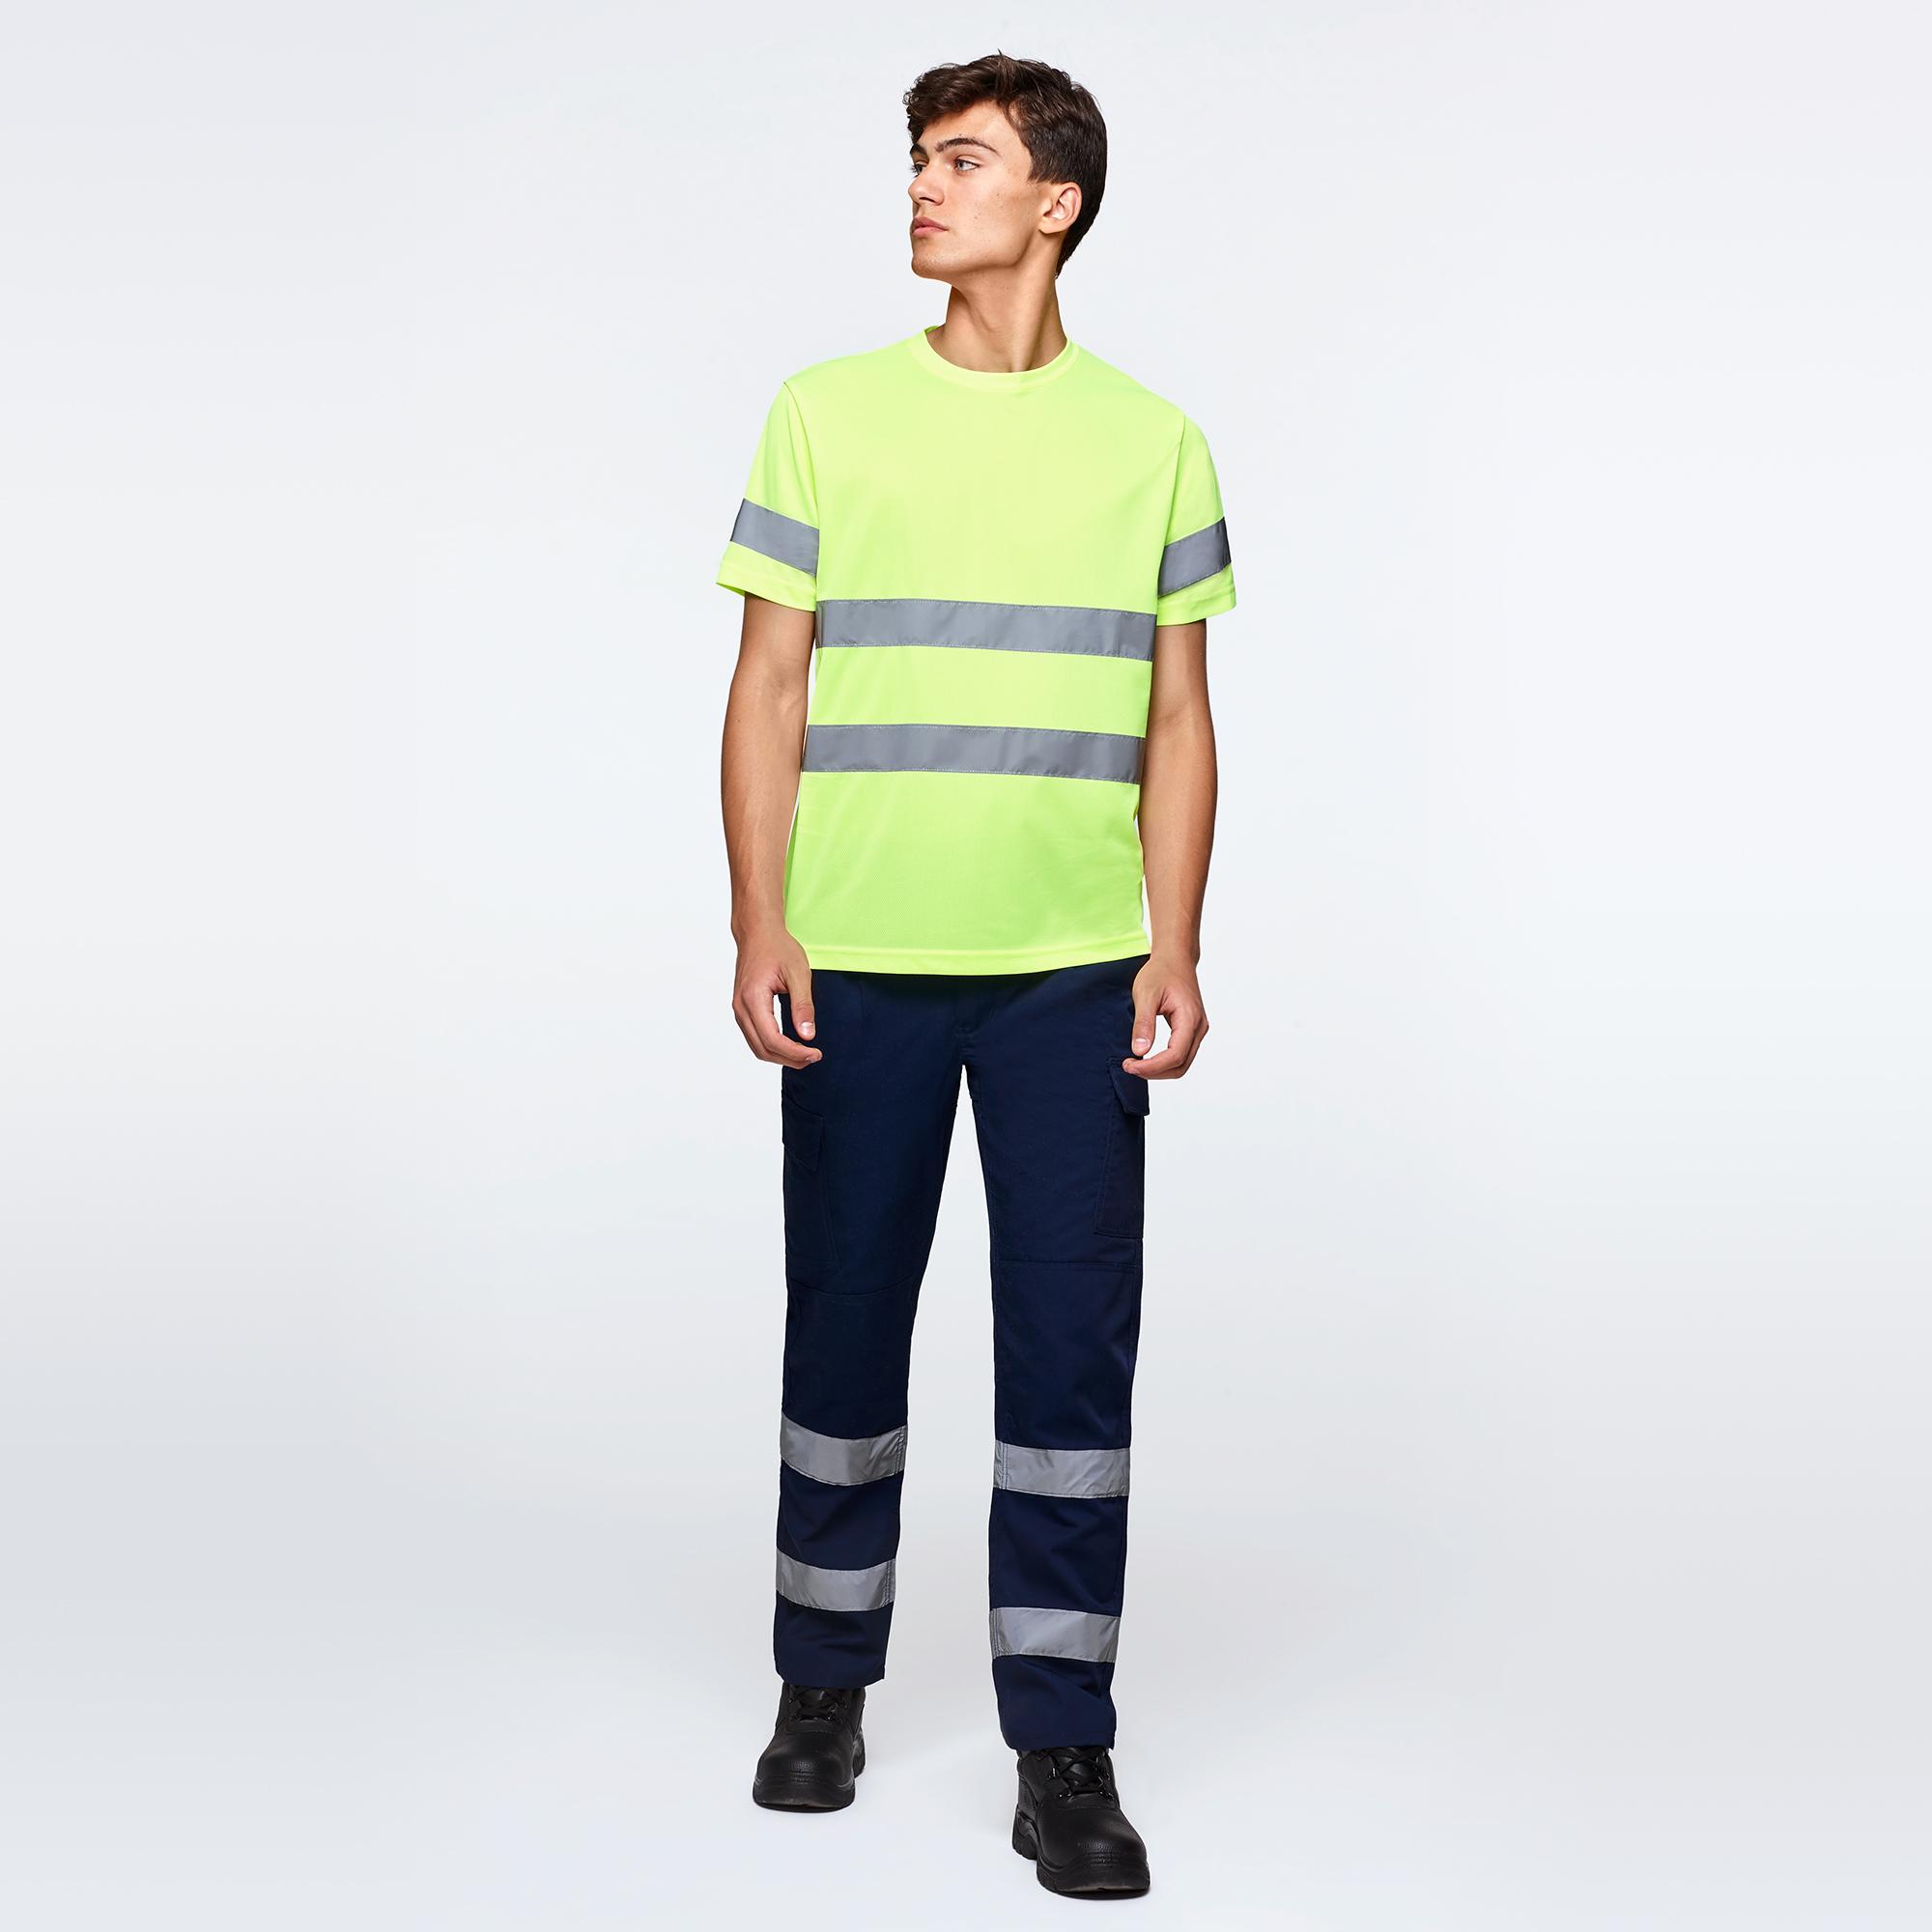 Camisetas alta visibilidad manga corta